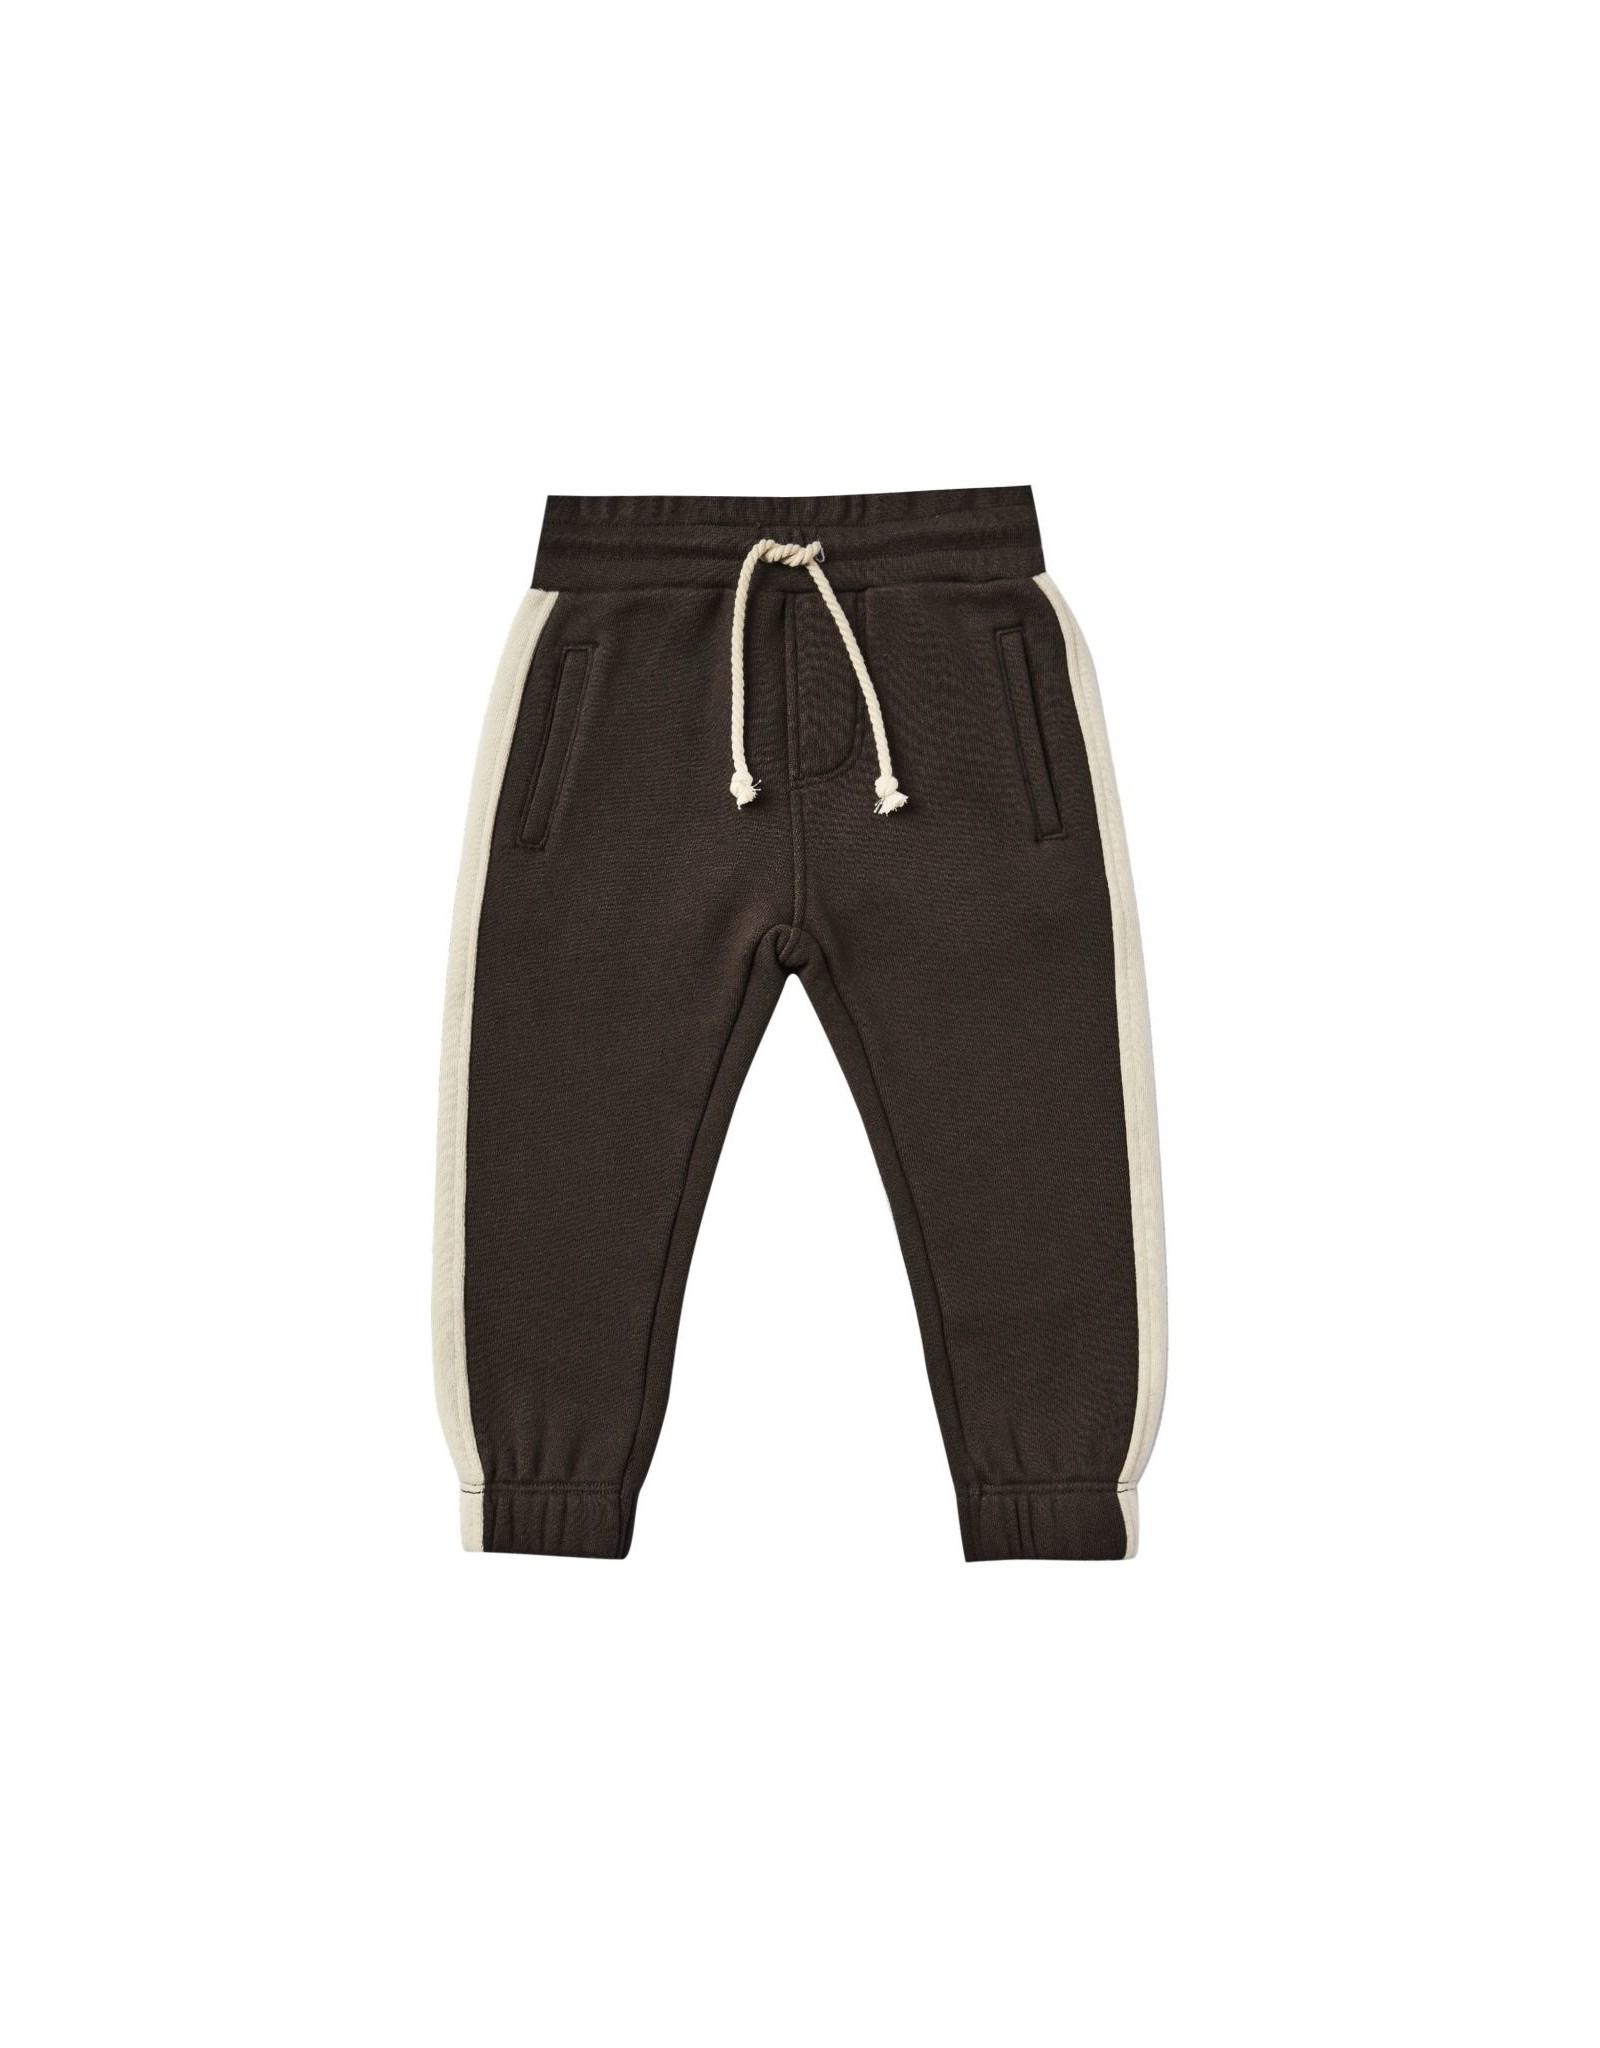 Rylee & Cru Rylee & Cru Raglan Jogger Pant Vintage Black